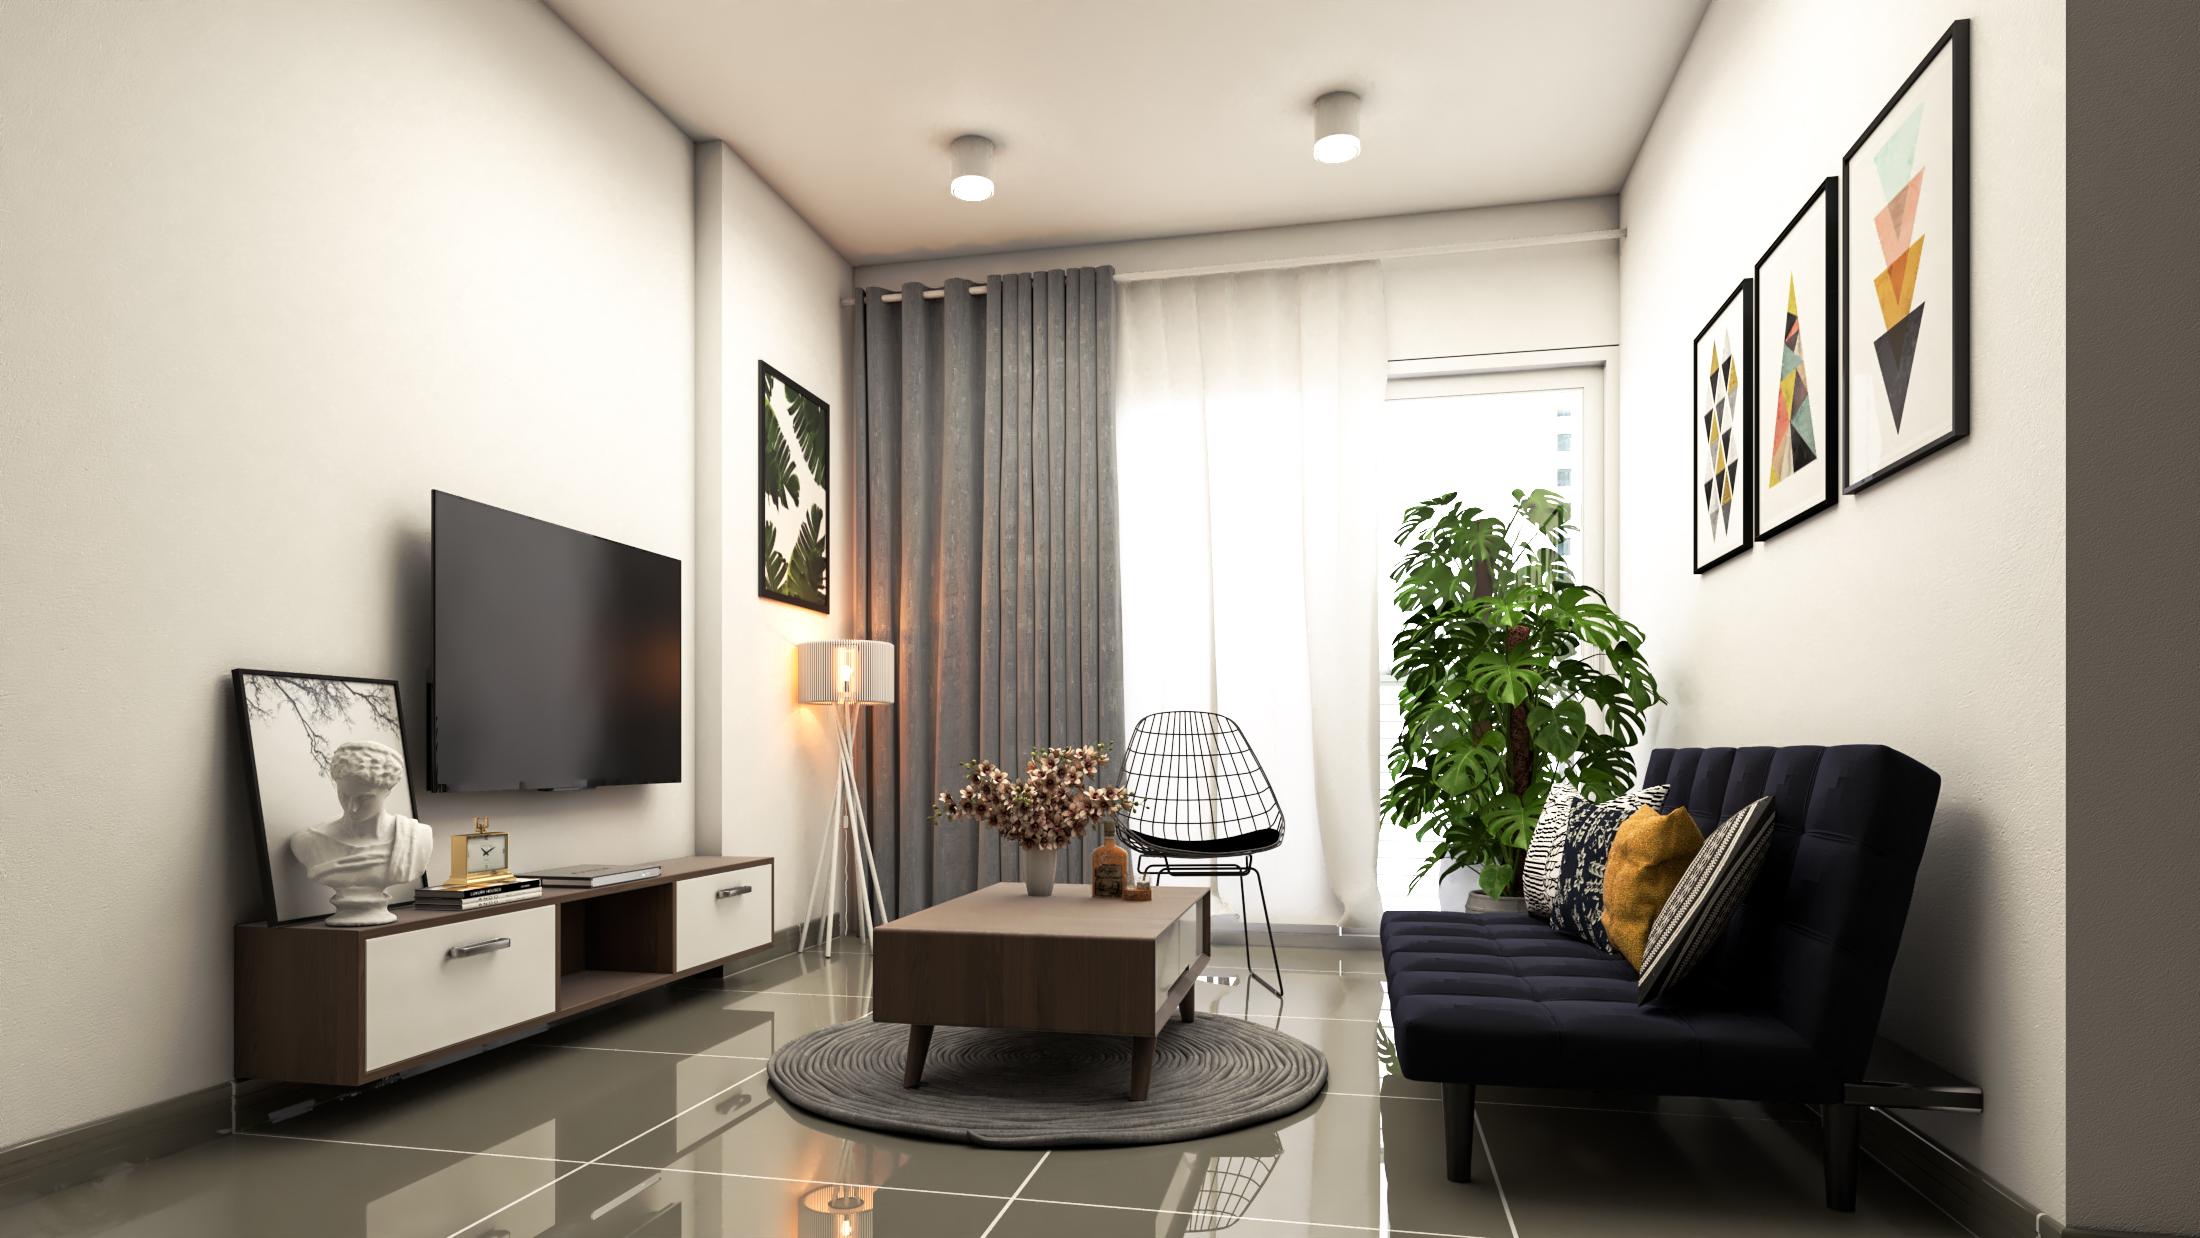 Thiết kế nội thất Chung Cư tại Hồ Chí Minh CĂN HỘ CHỊ TRÚC Q8 1576045379 1